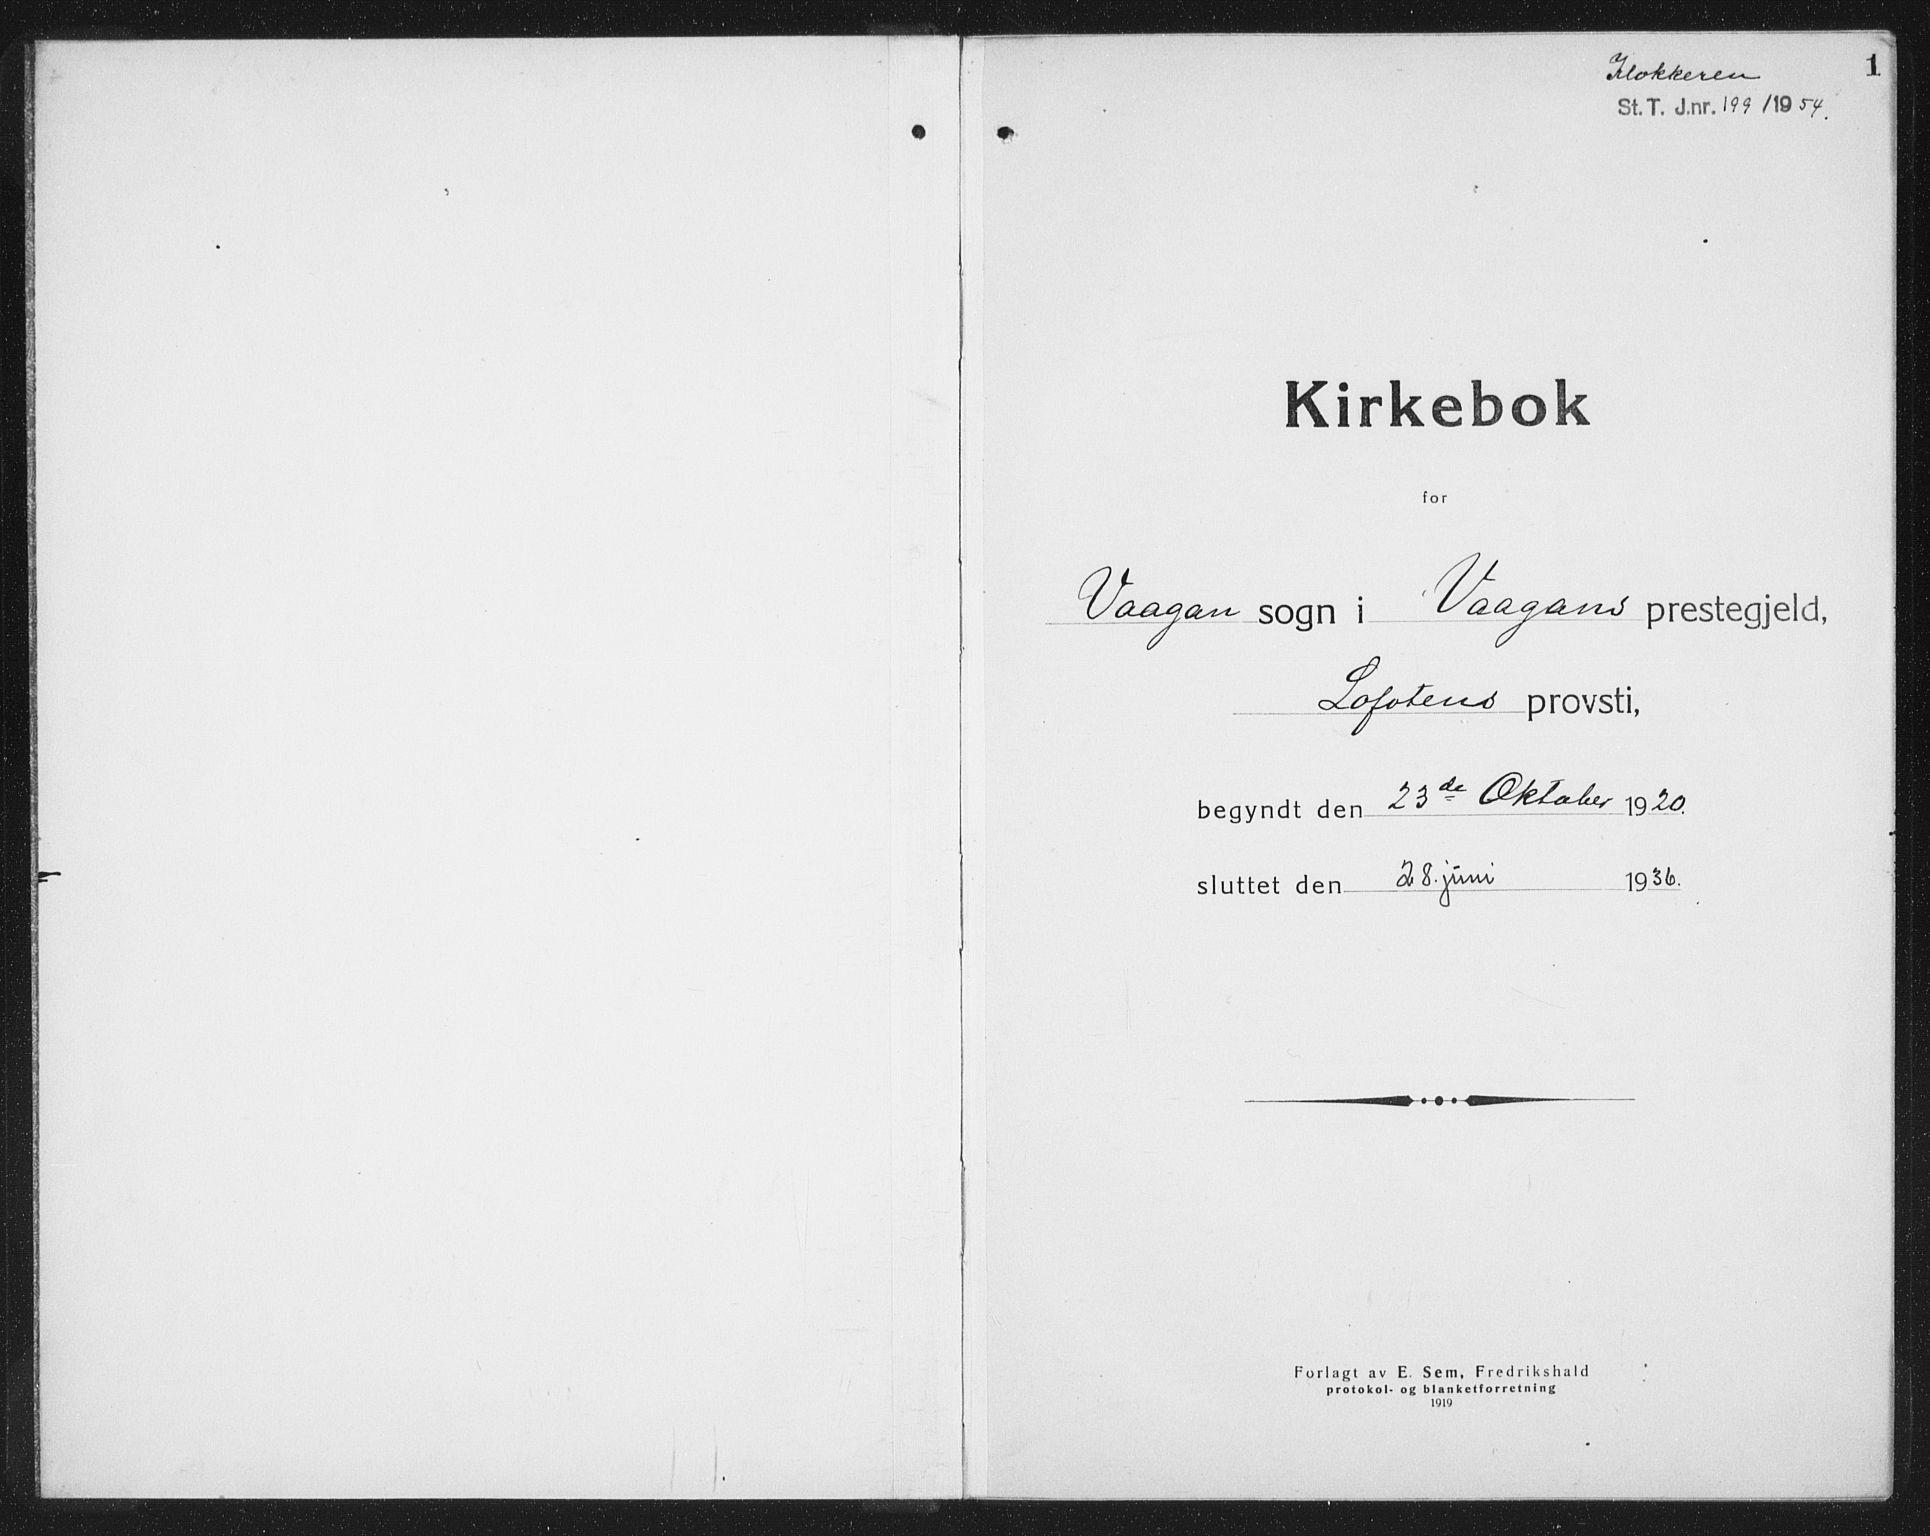 SAT, Ministerialprotokoller, klokkerbøker og fødselsregistre - Nordland, 874/L1083: Parish register (copy) no. 874C12, 1920-1936, p. 1